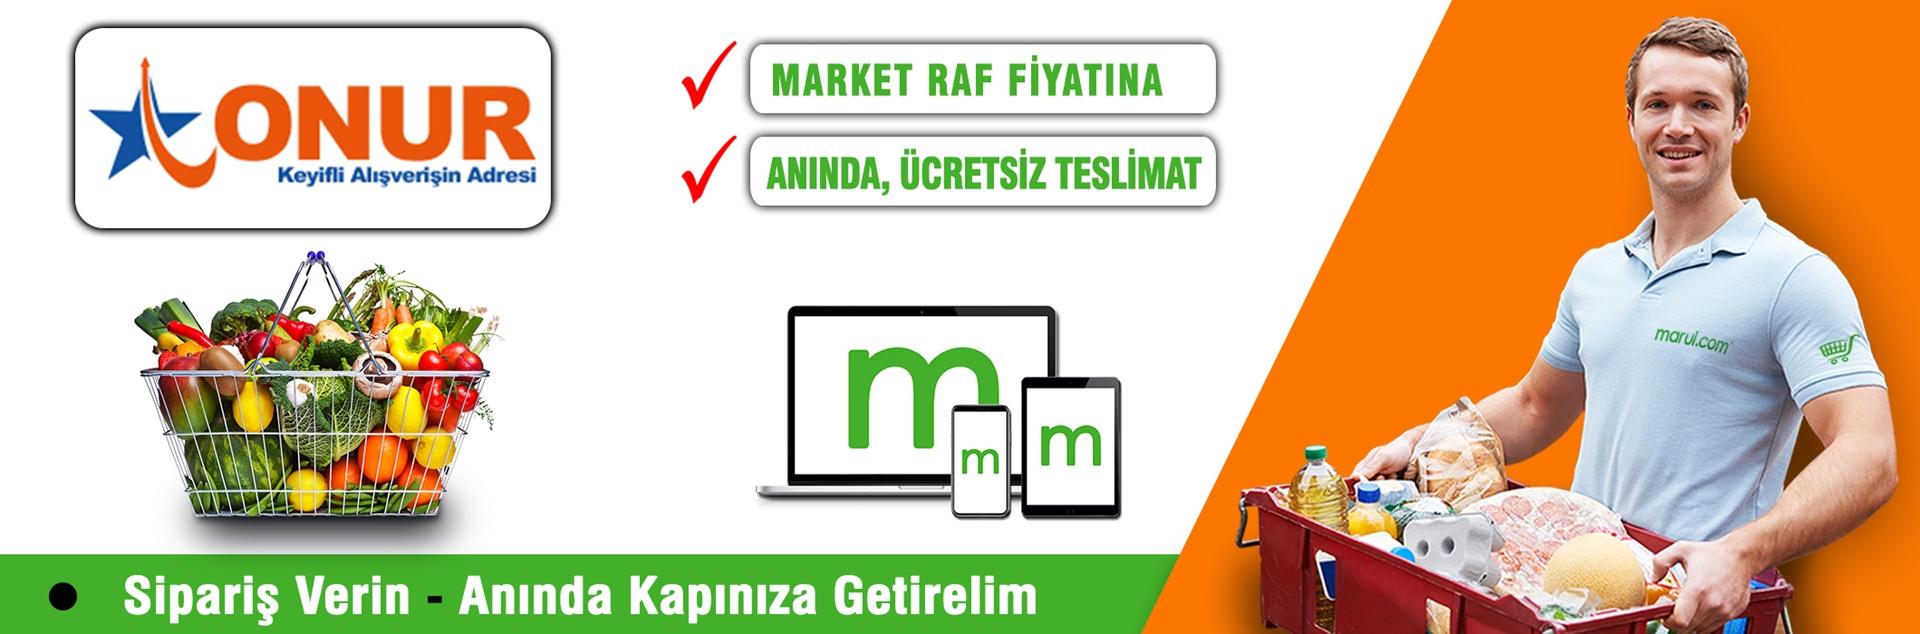 onur hipermarketleri online market alışverişi